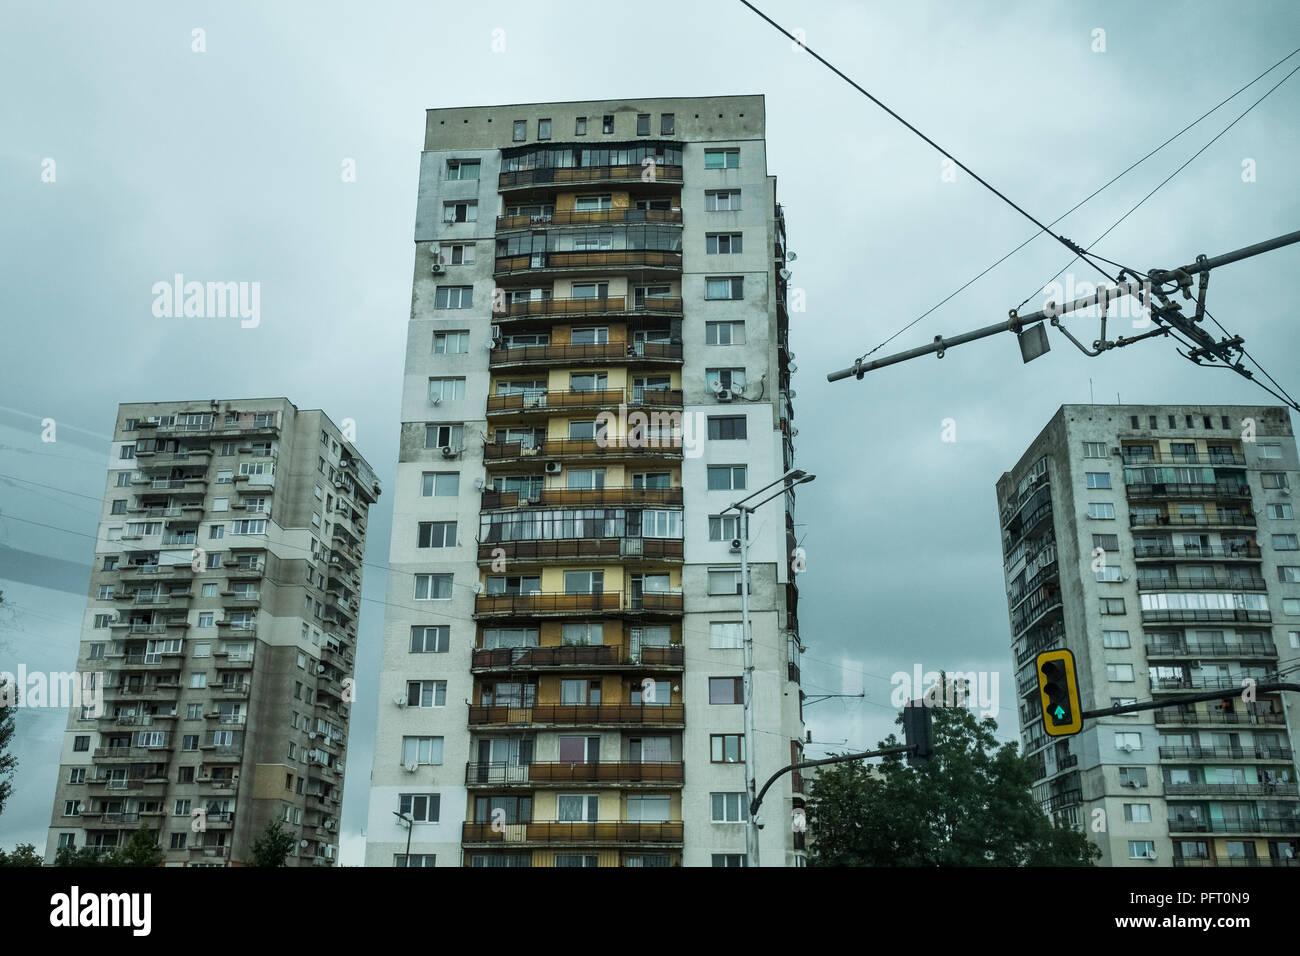 Plattenbauten in Sofia, Bulgaria - Stock Image